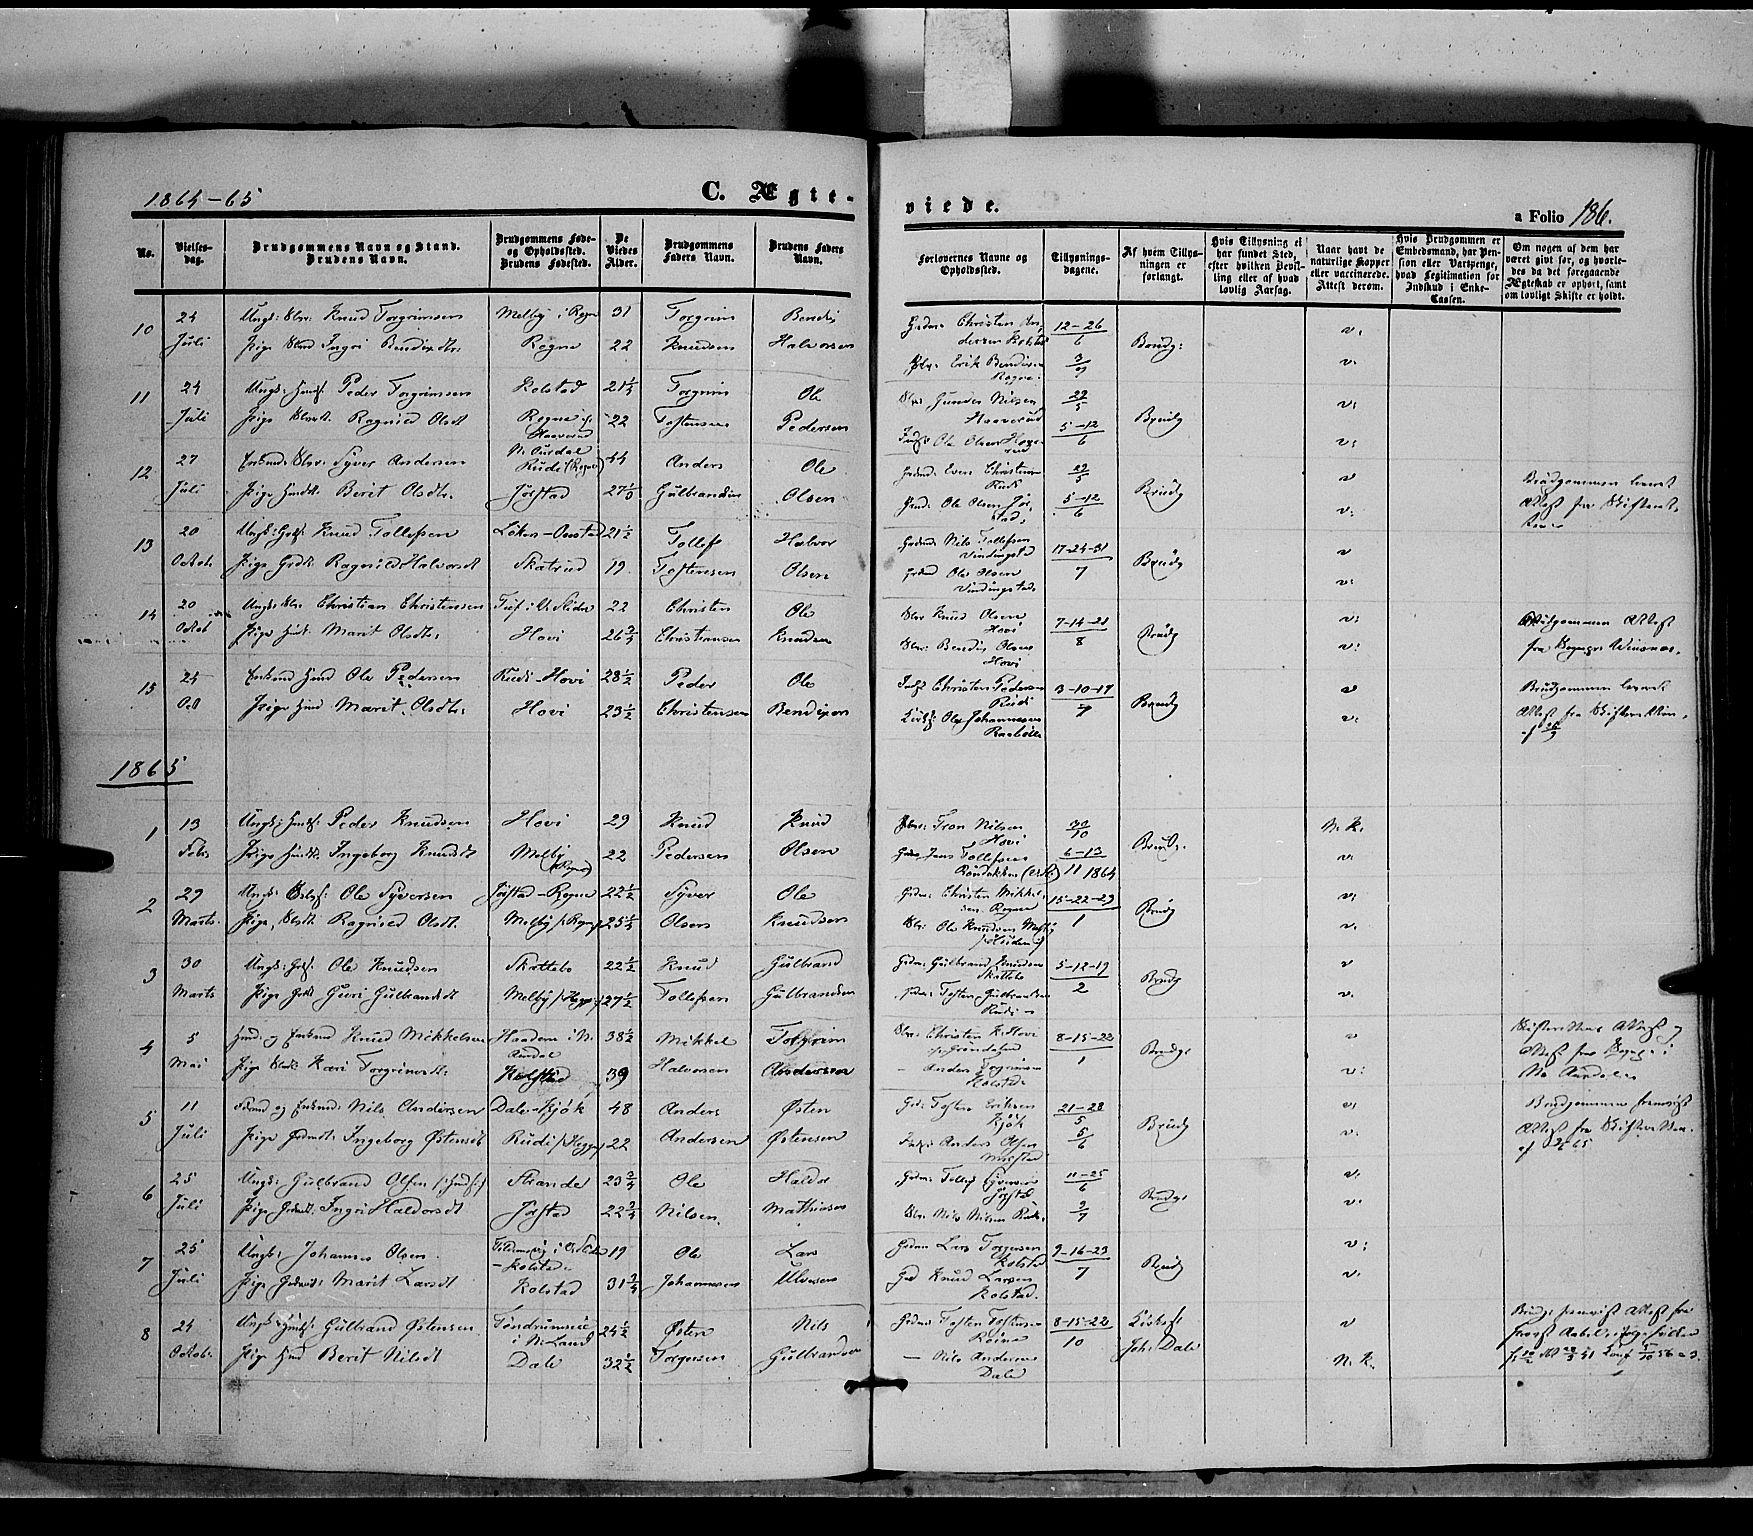 SAH, Øystre Slidre prestekontor, Ministerialbok nr. 1, 1849-1874, s. 186